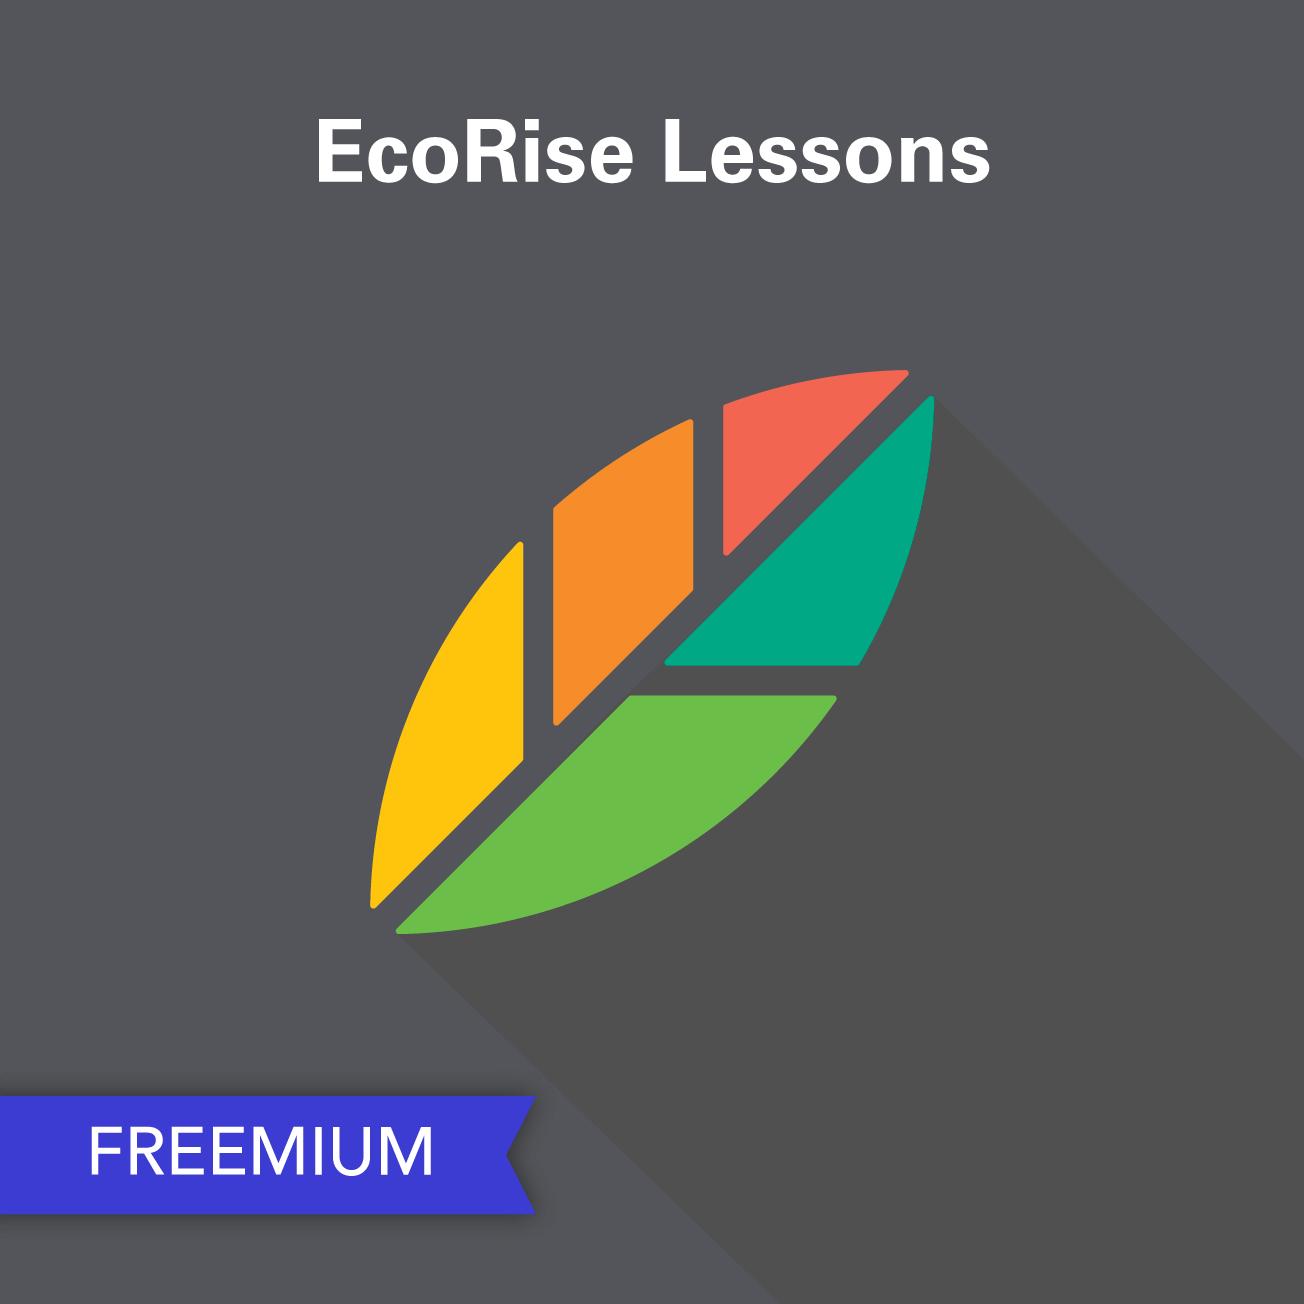 Ecorise Freemium Lessons